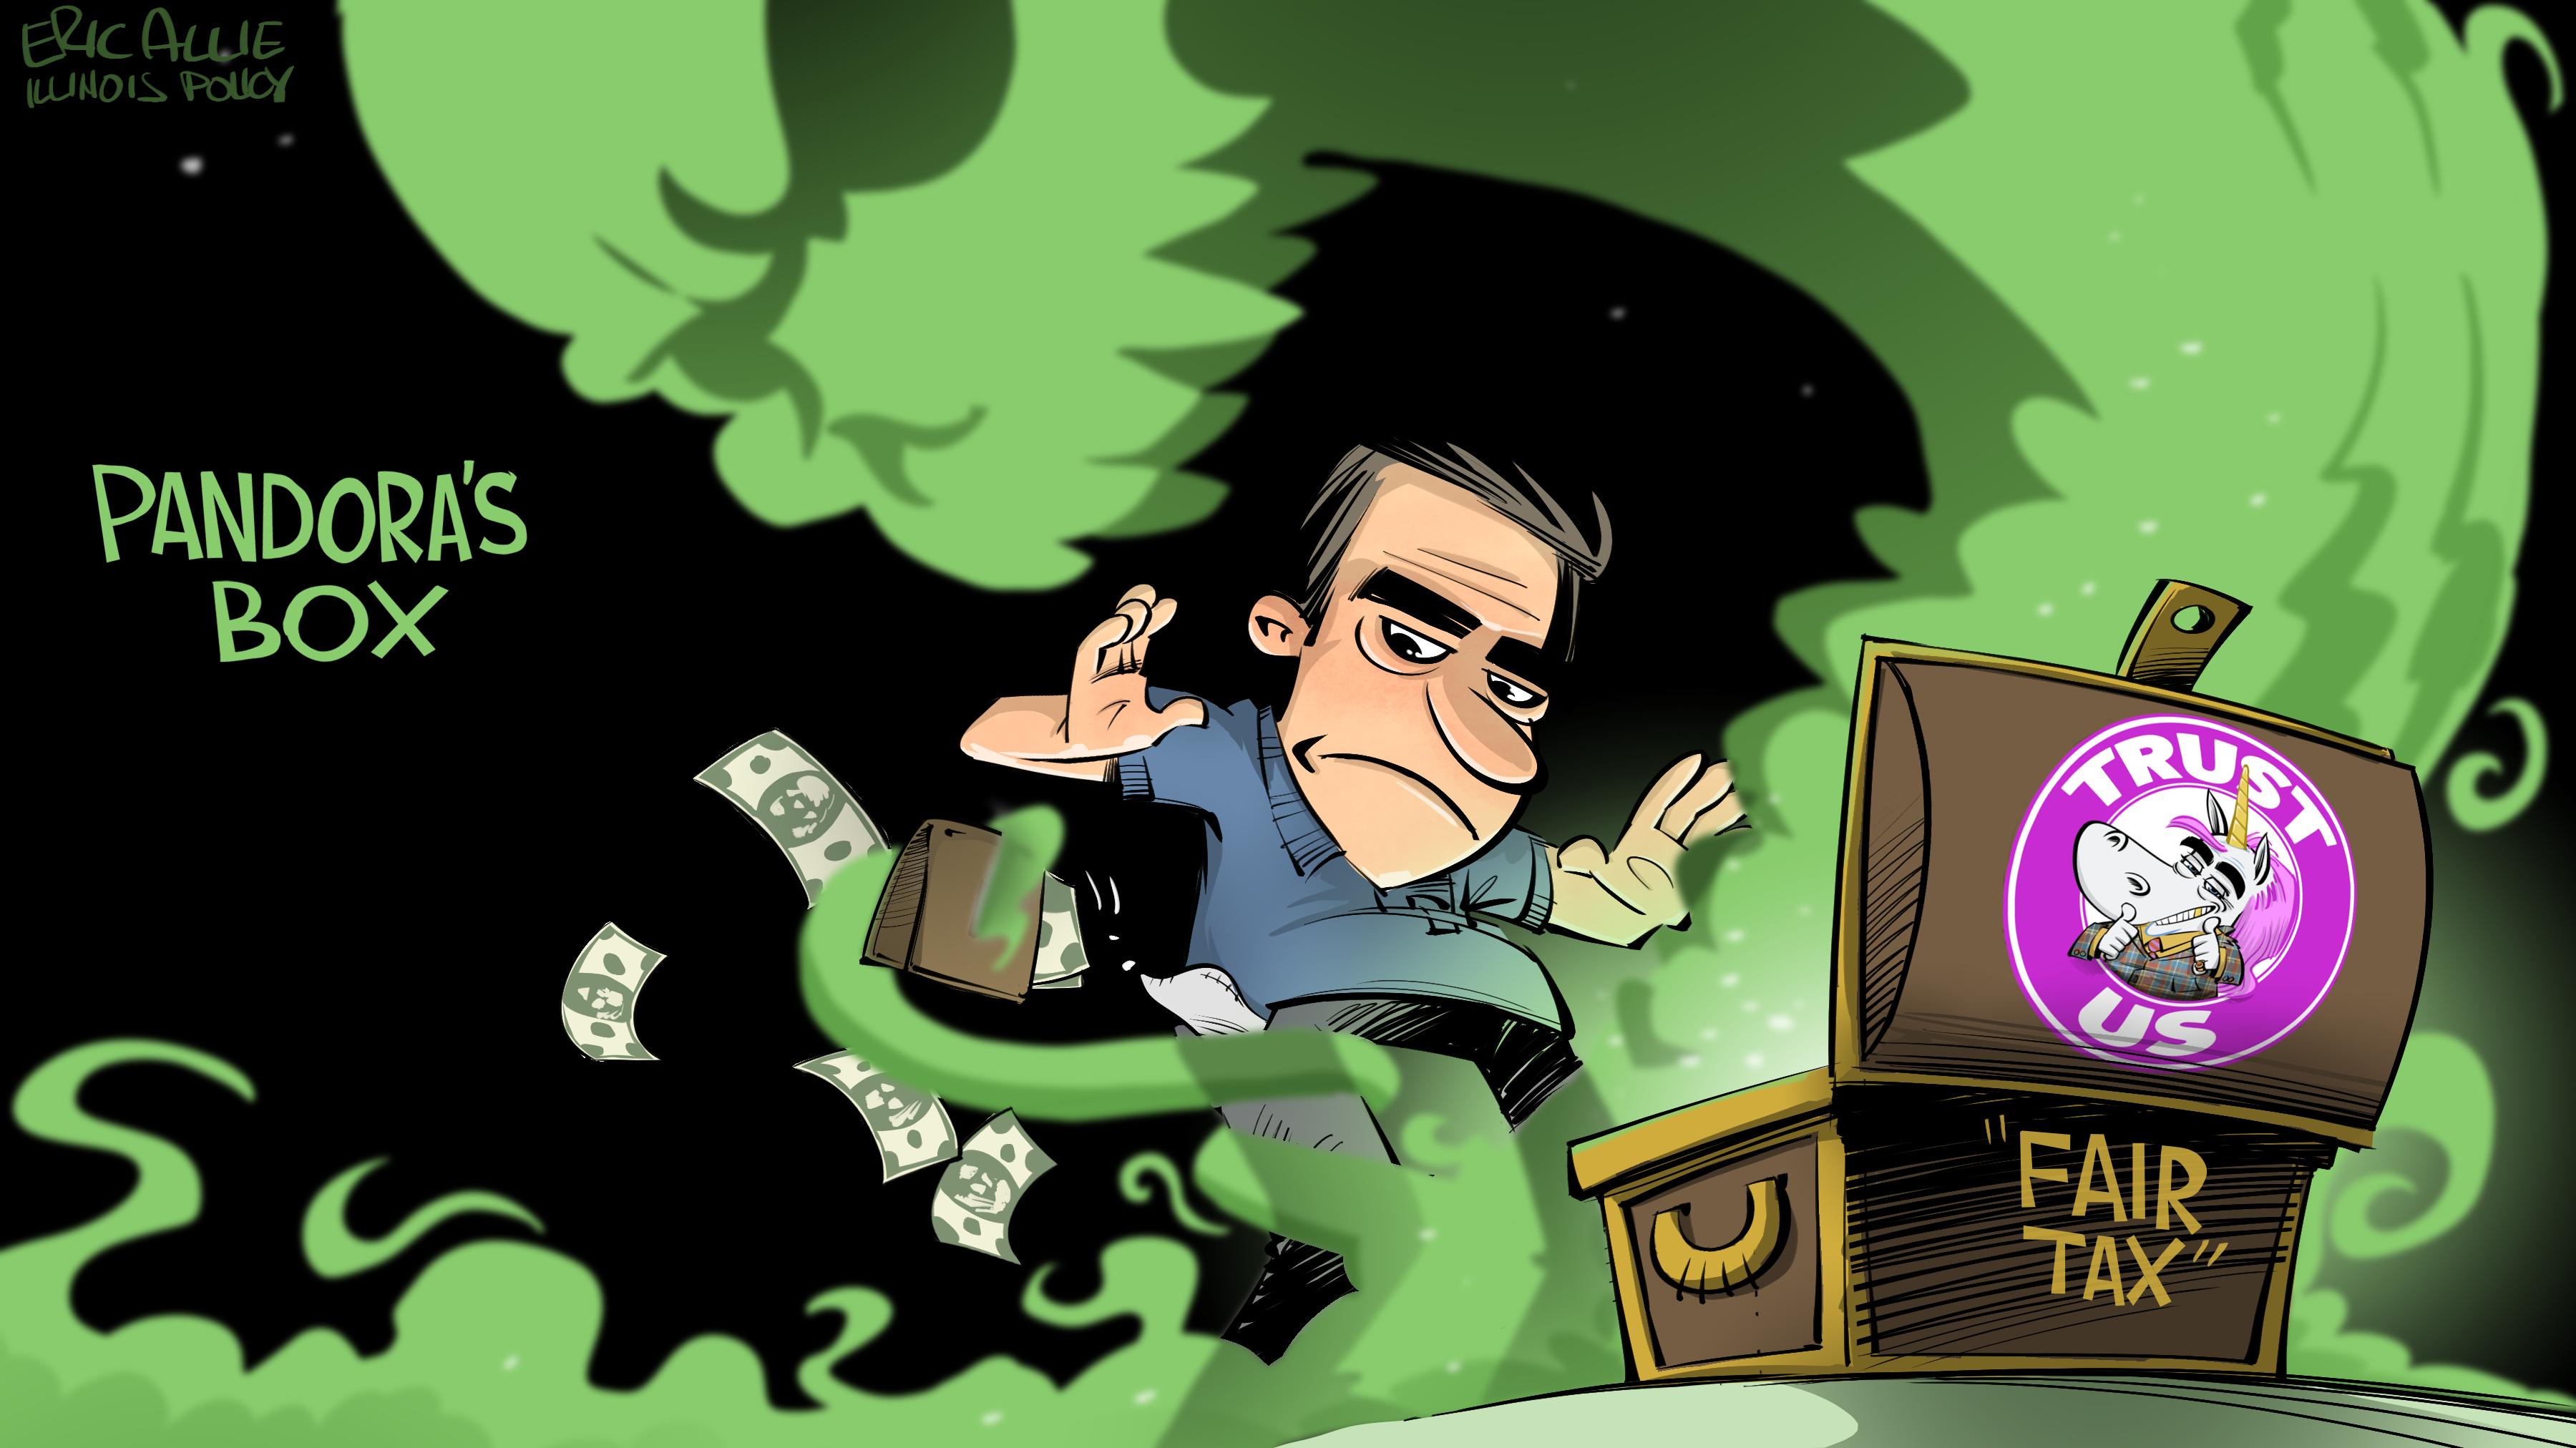 """Pandora's """"fair tax"""" box"""